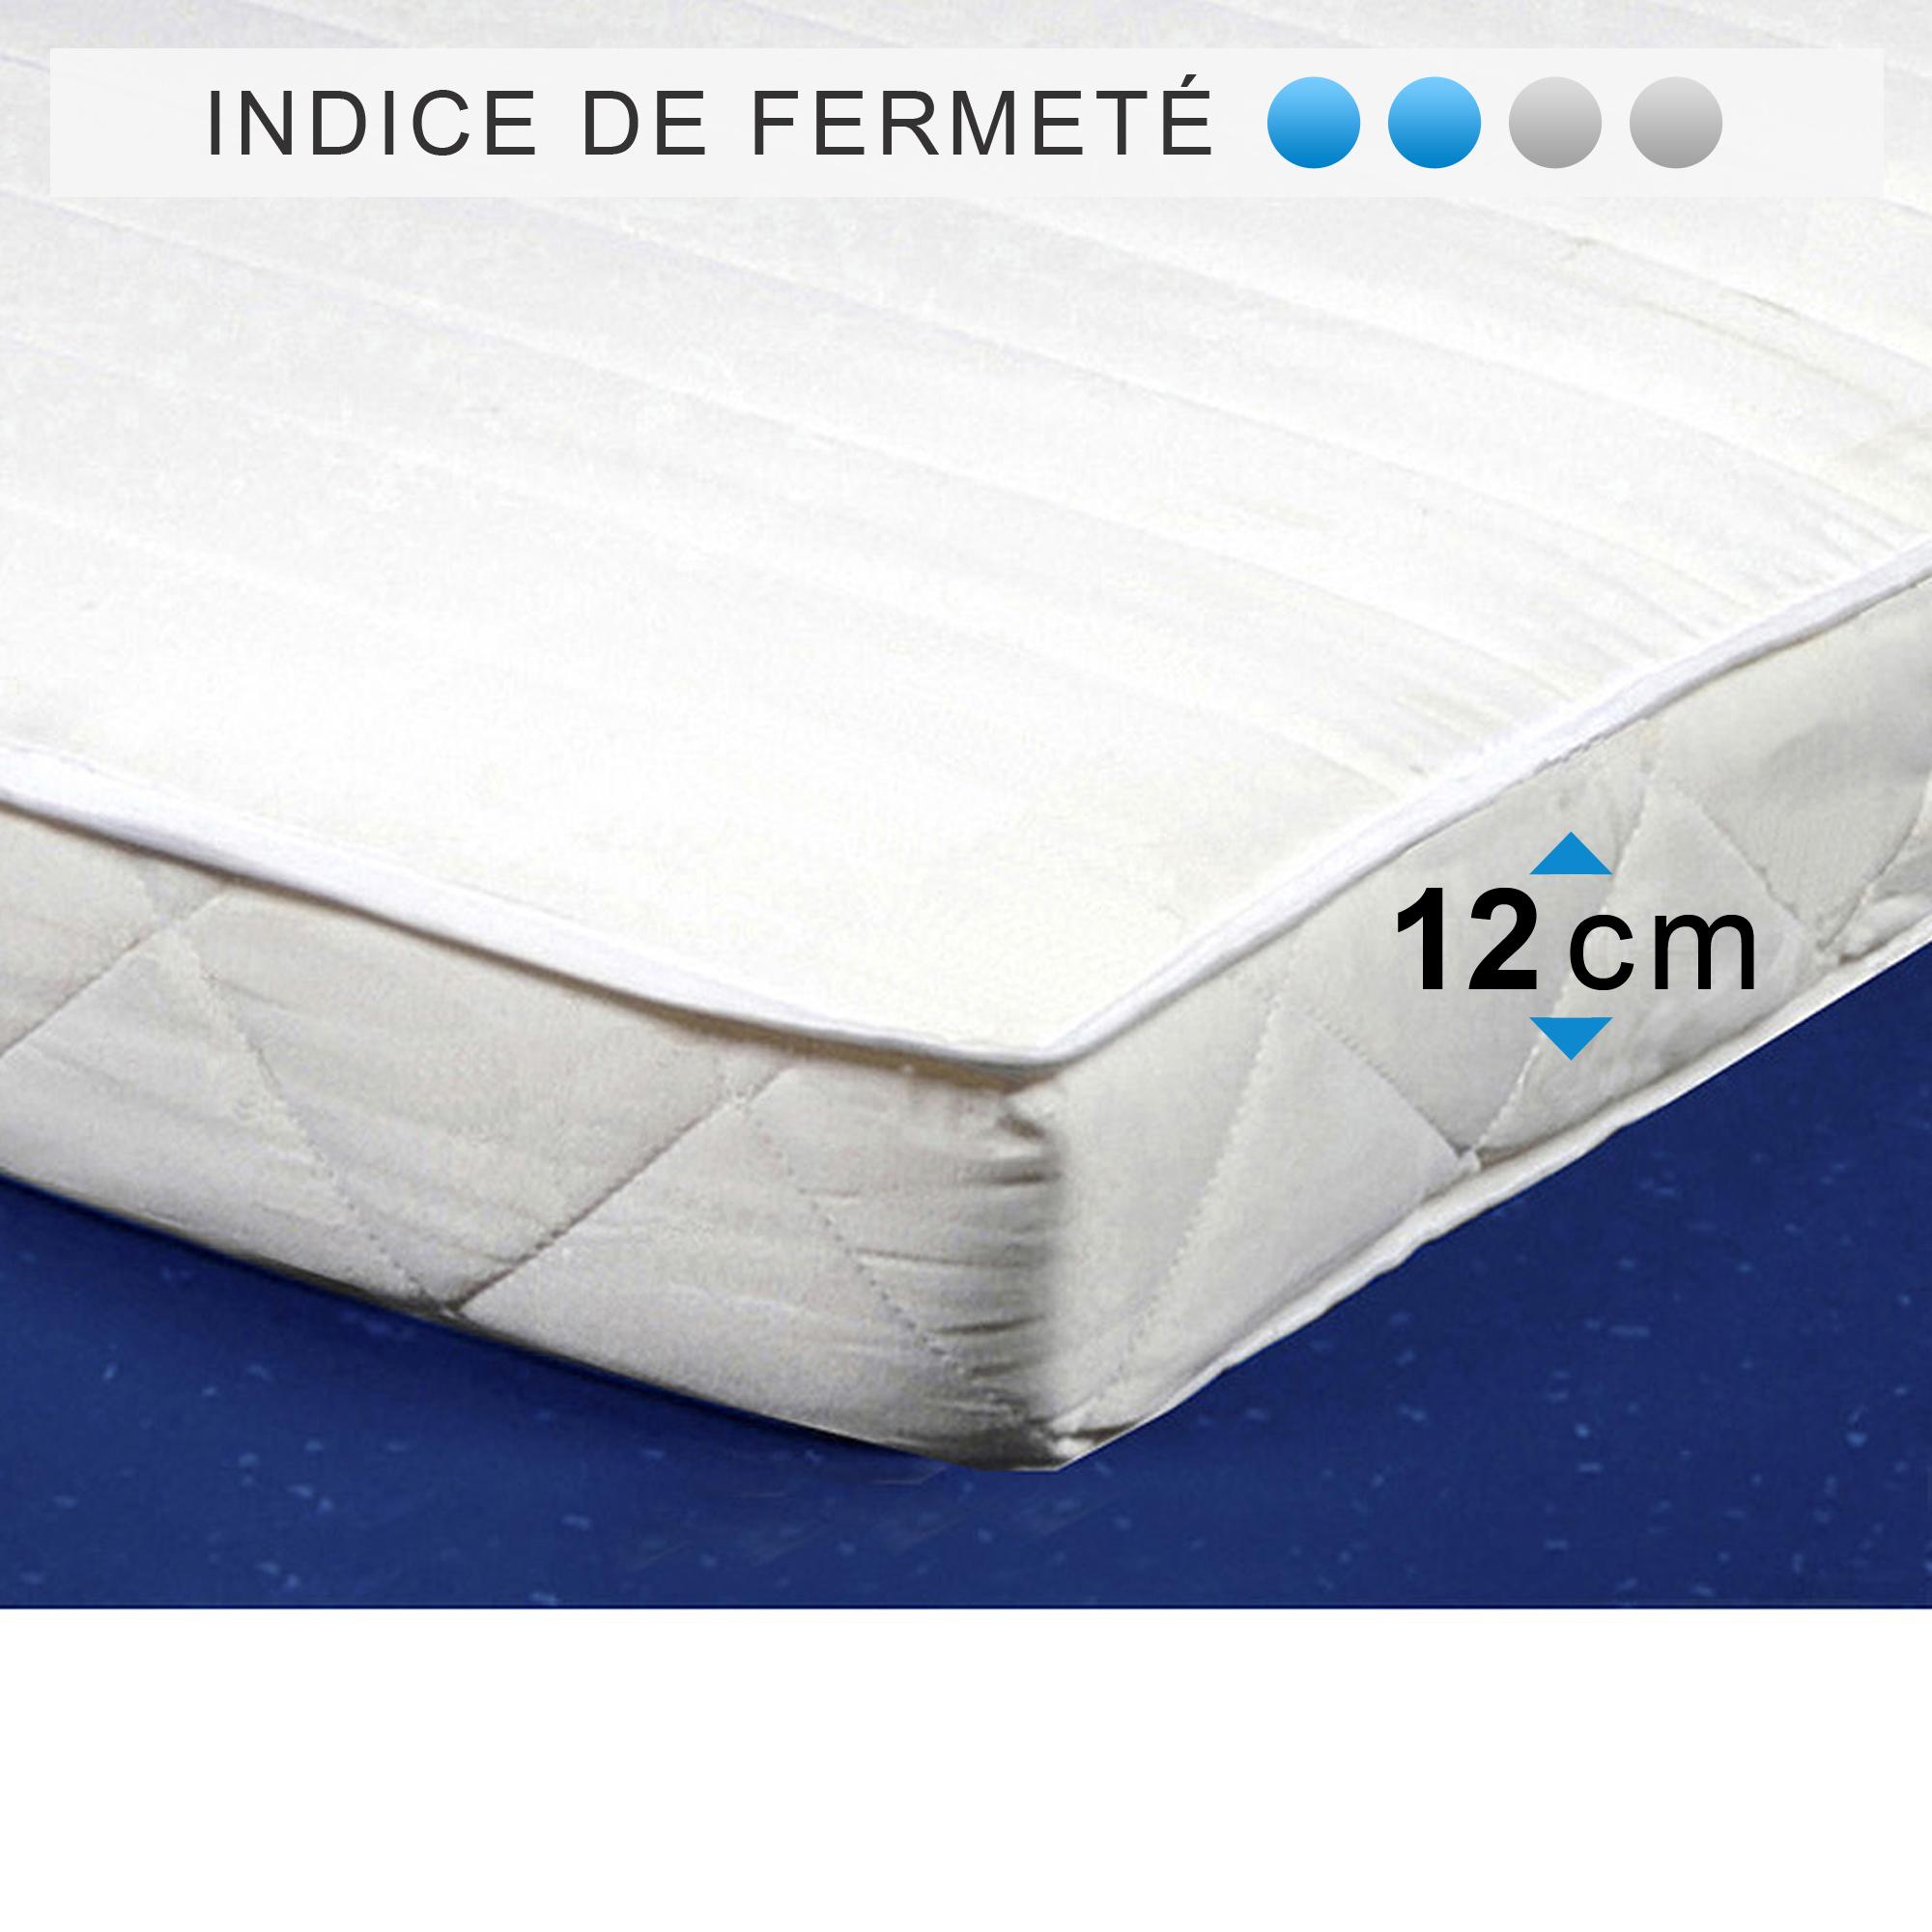 rollflex matelas en mousse roul 90 x 190 cm paisseur 12 cm comparer avec. Black Bedroom Furniture Sets. Home Design Ideas